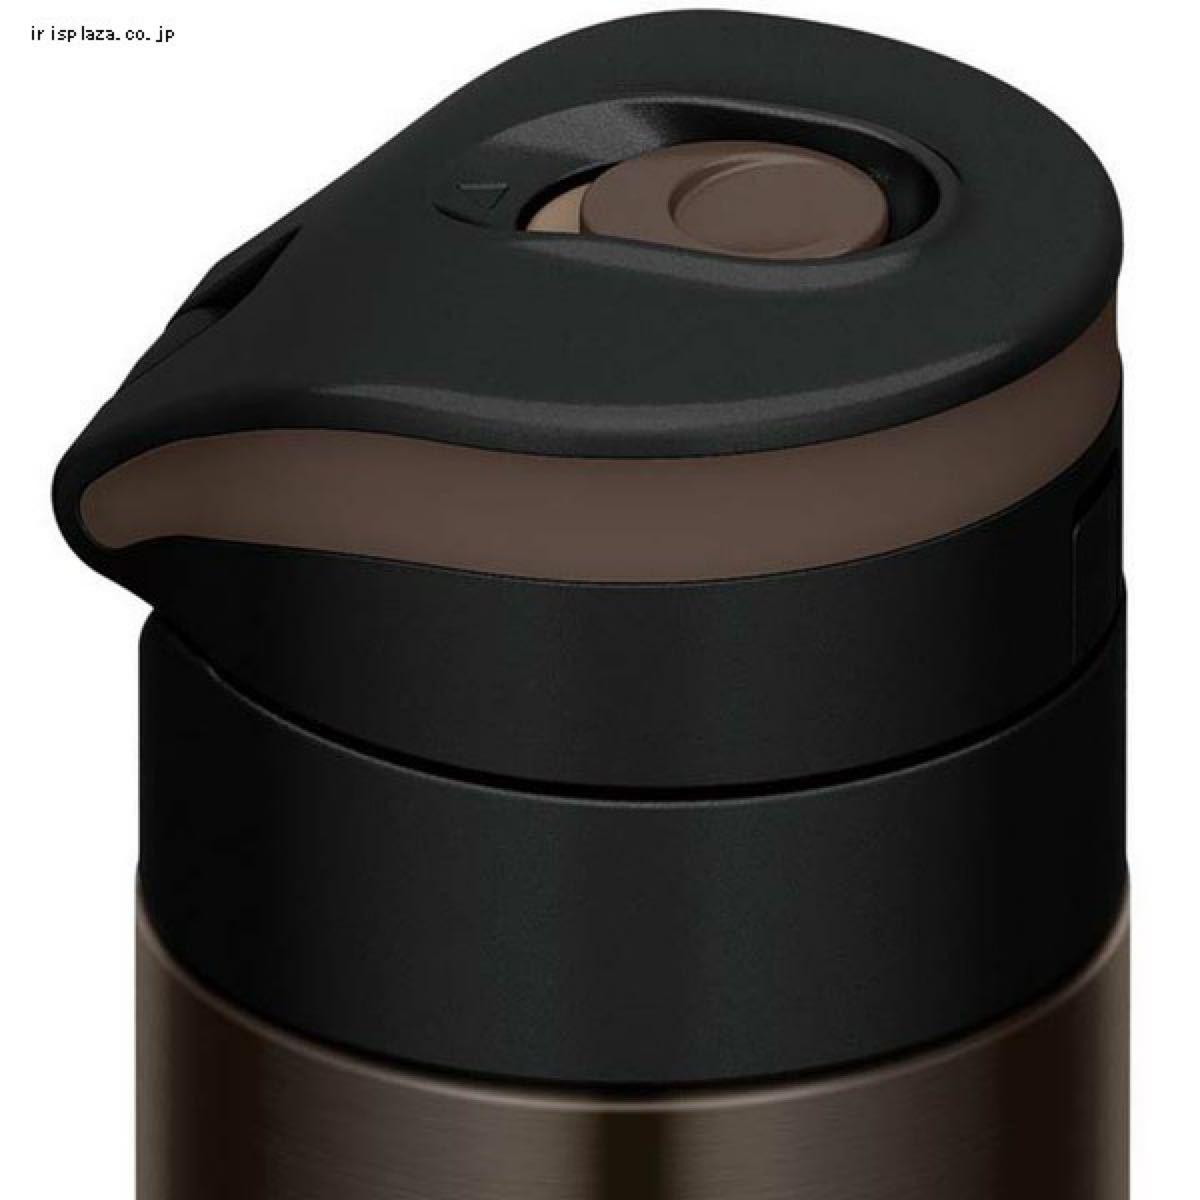 サーモス 真空断熱ケータイマグ 0.35L JNS-351 2色